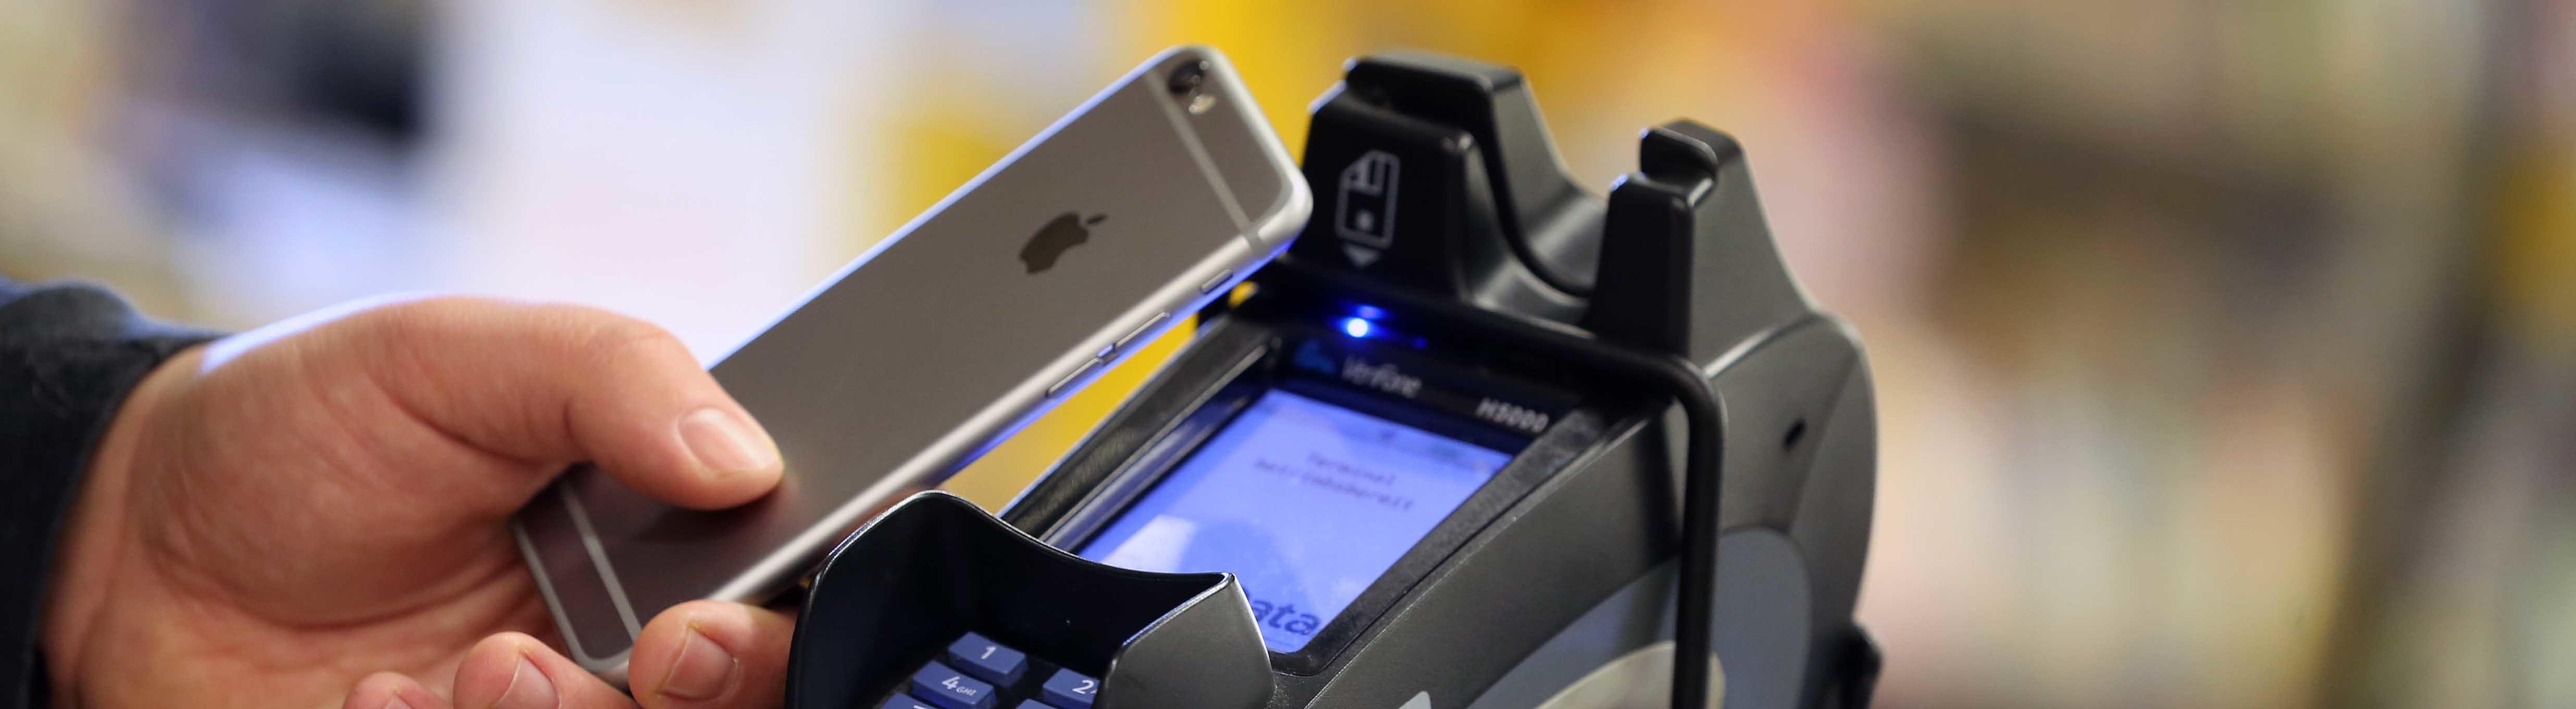 Ein iPhone wird zum Bezahlen vor ein Terminal gehalten.